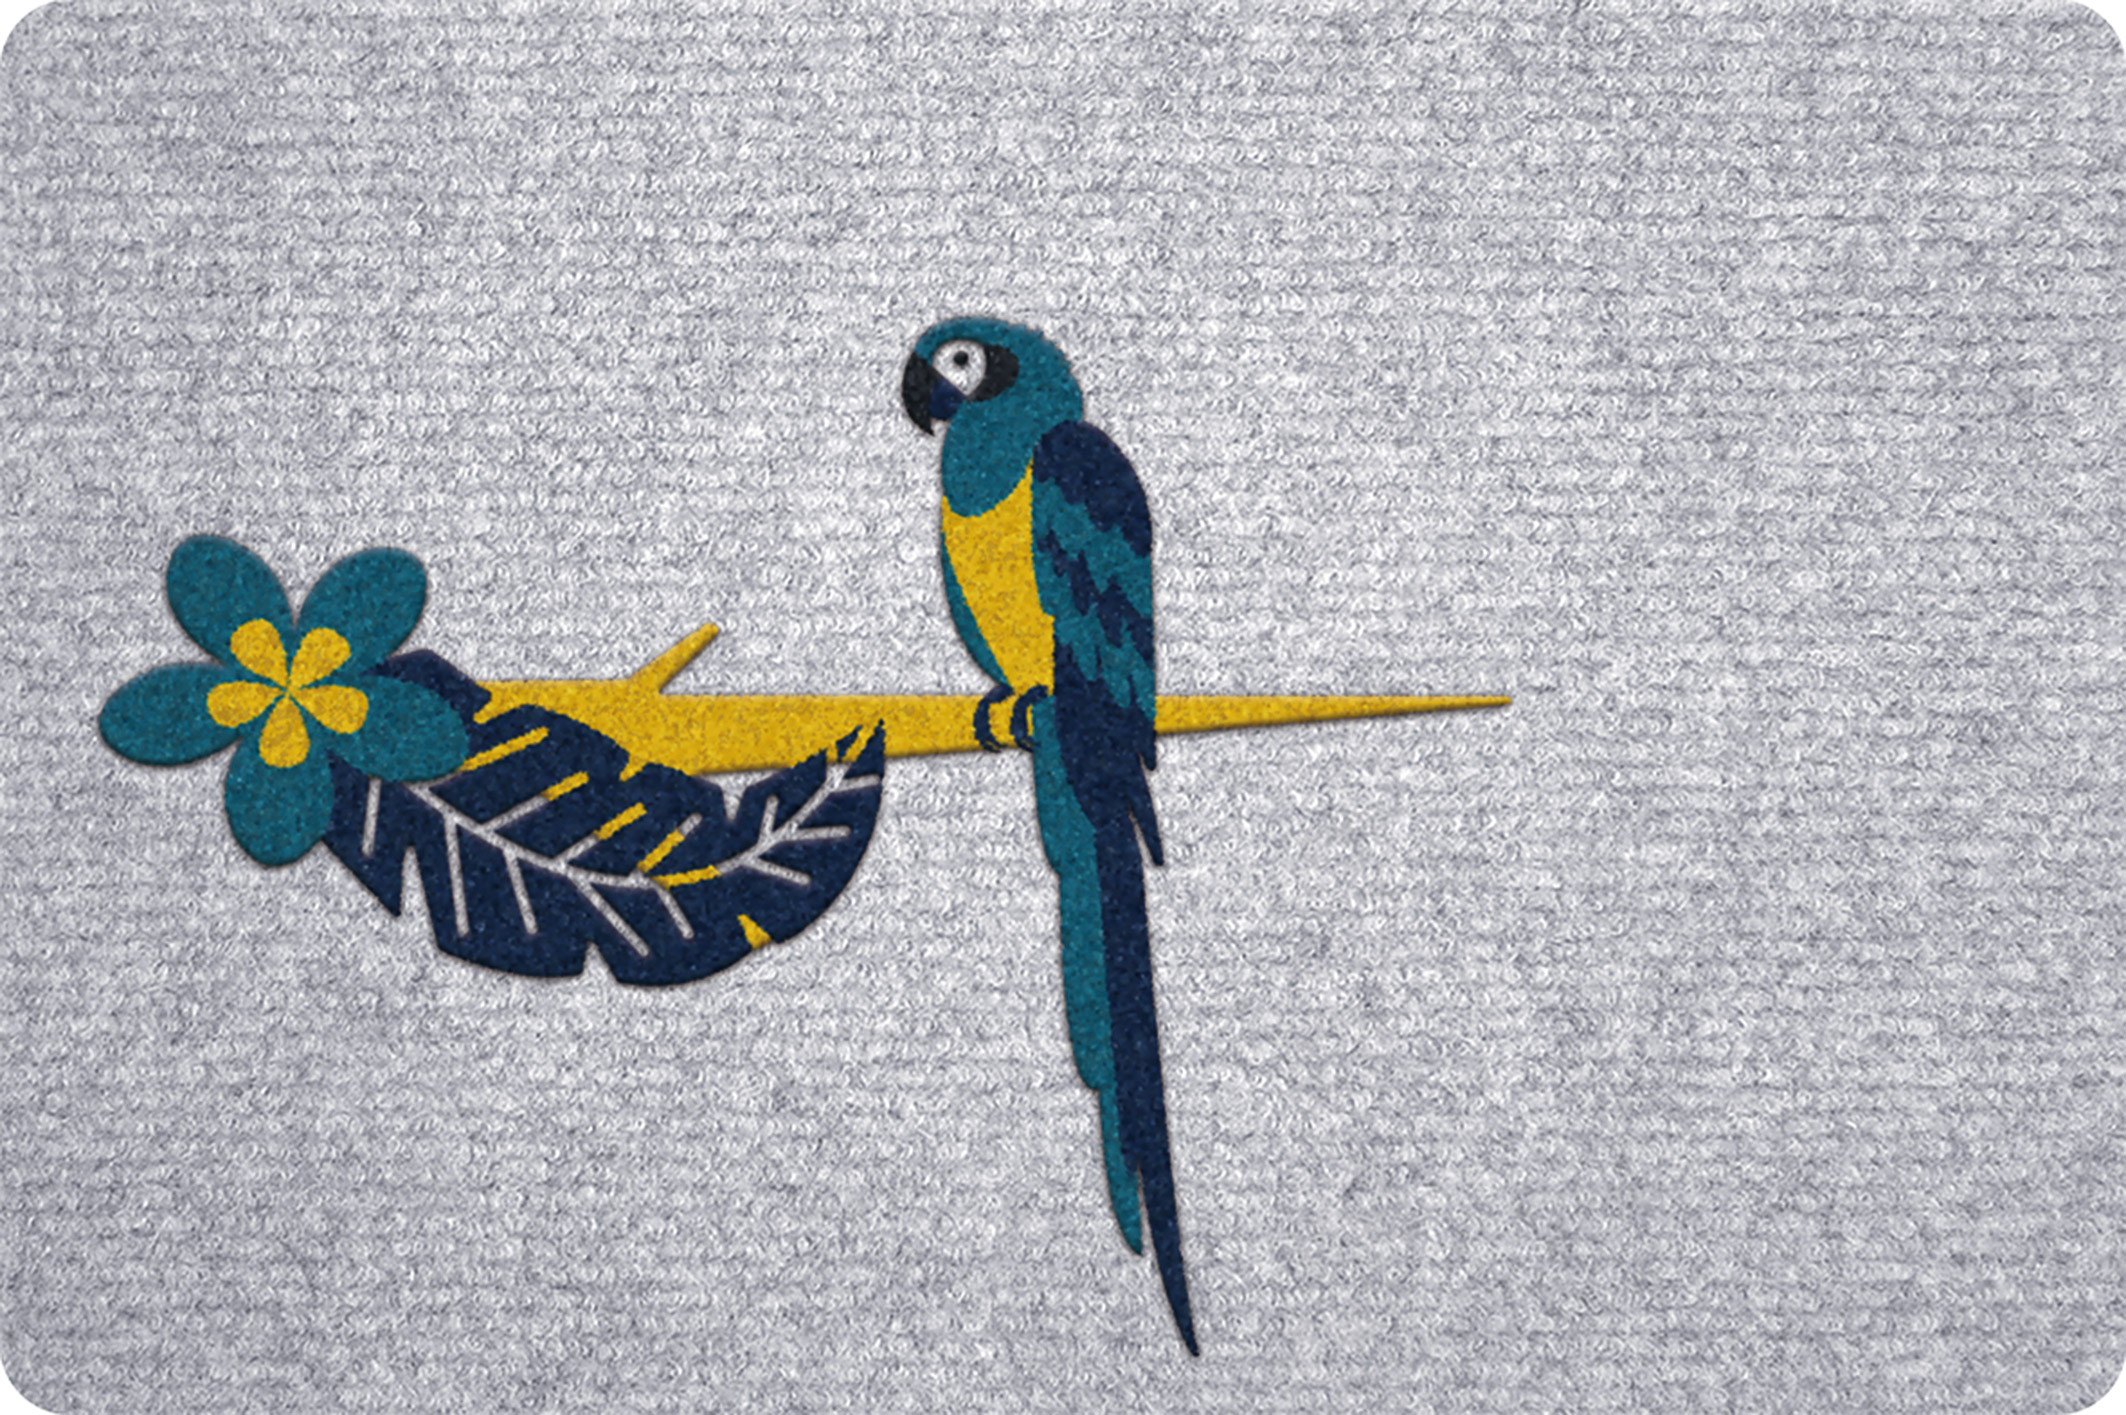 Flocking mat